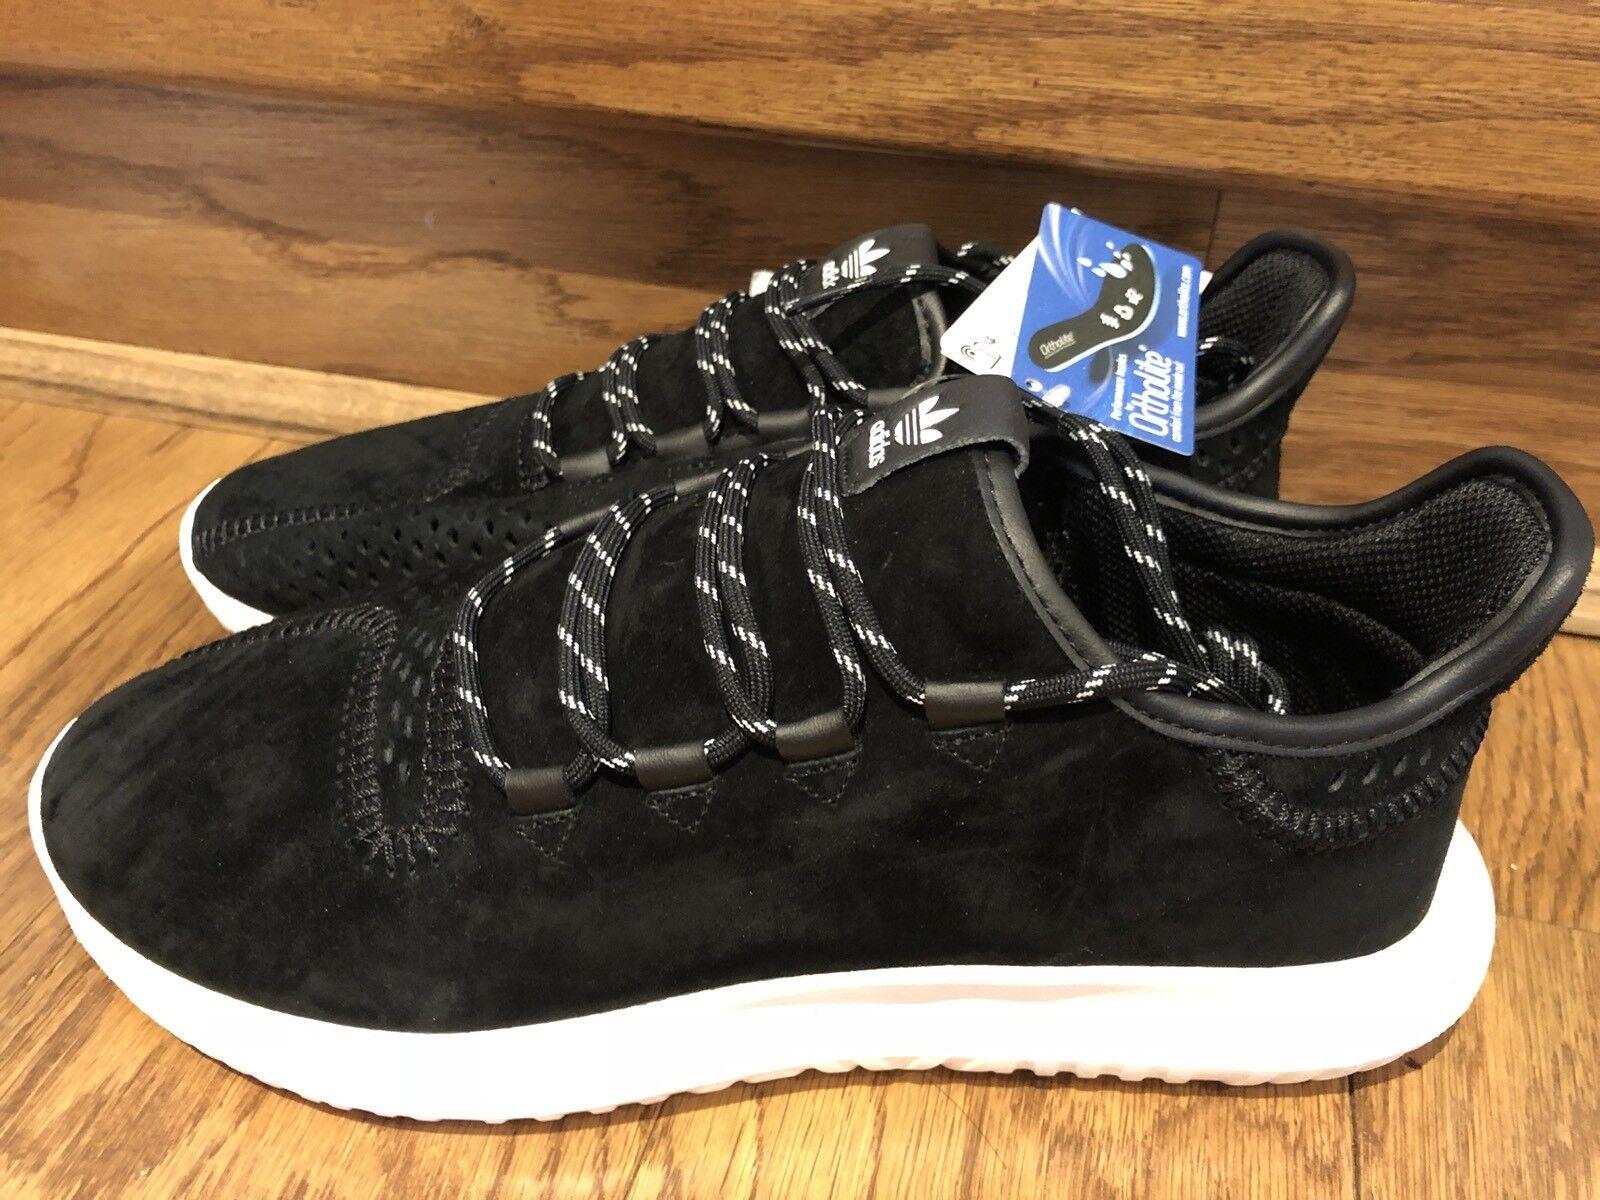 adidas originals mens größe 13 tubuläre schatten schuhe cq0933 sneaker männer schwarze neue cq0933 schuhe 673055